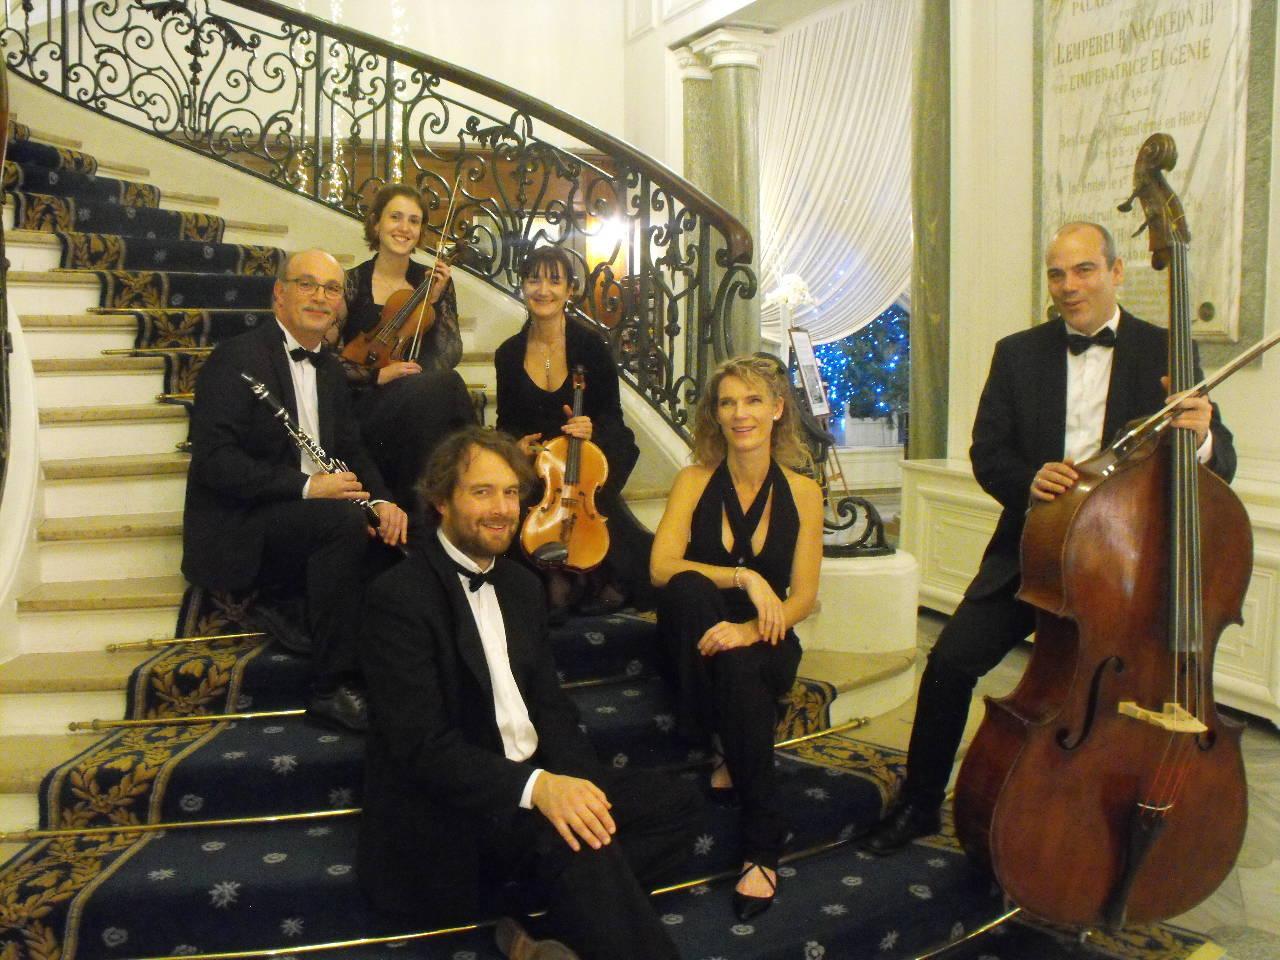 Bayonne : Musique Légère Avec L'ensemble Accordes serapportantà Docteur Chambres Bayonne